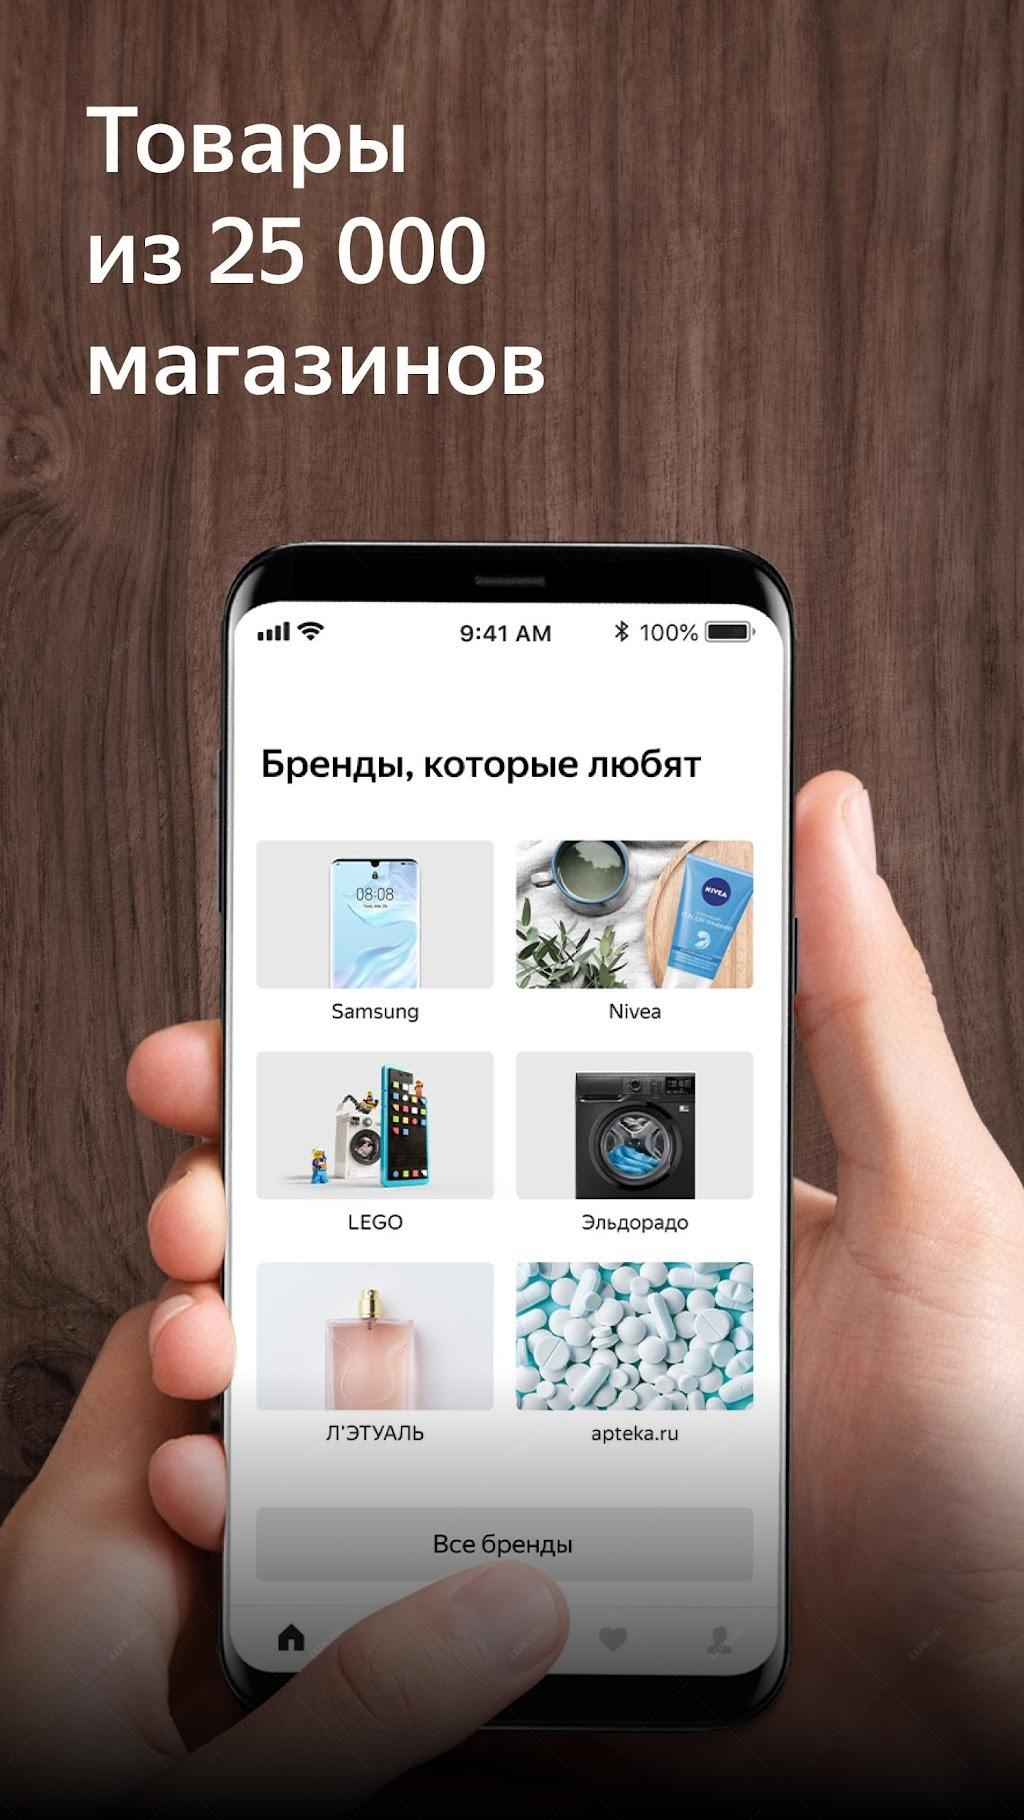 Скачать приложение магазин маркет скачать программу плюс х